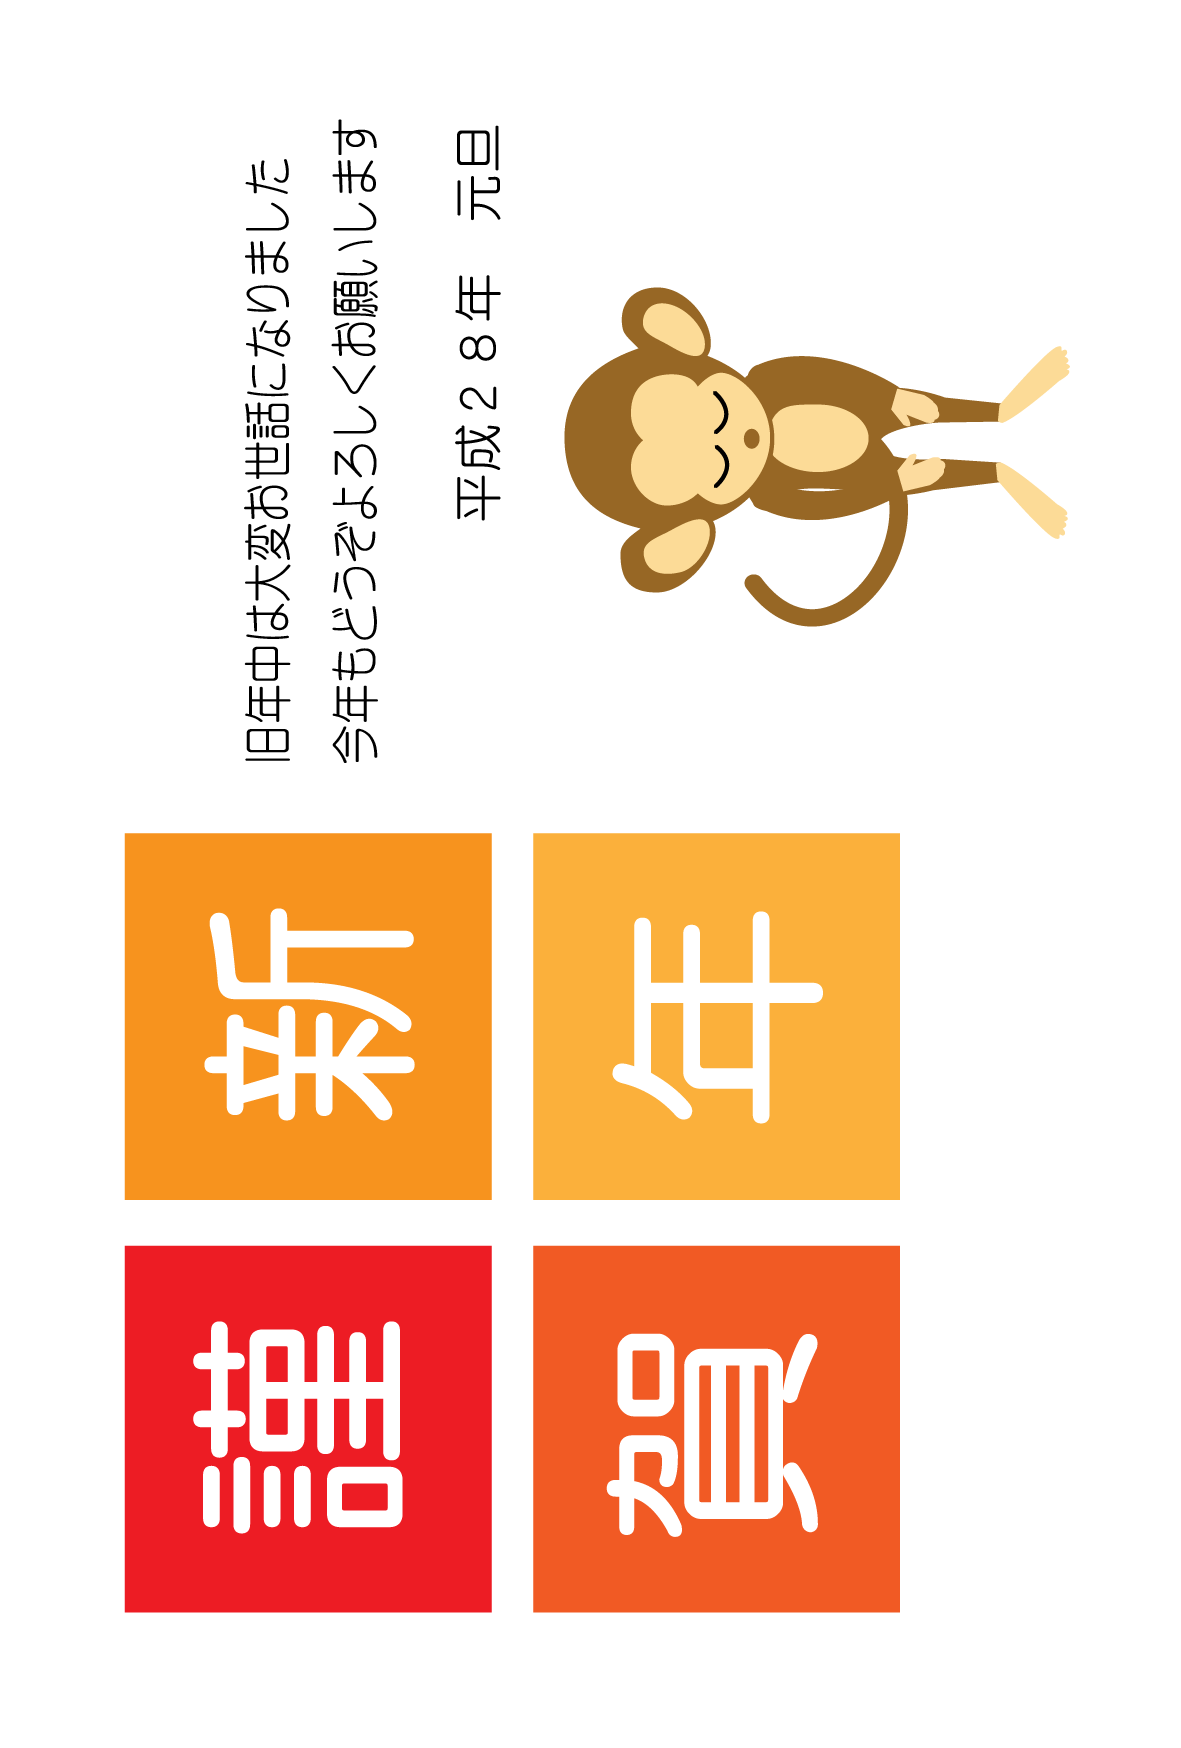 挨拶をする猿のイラスト入り(文字なし)